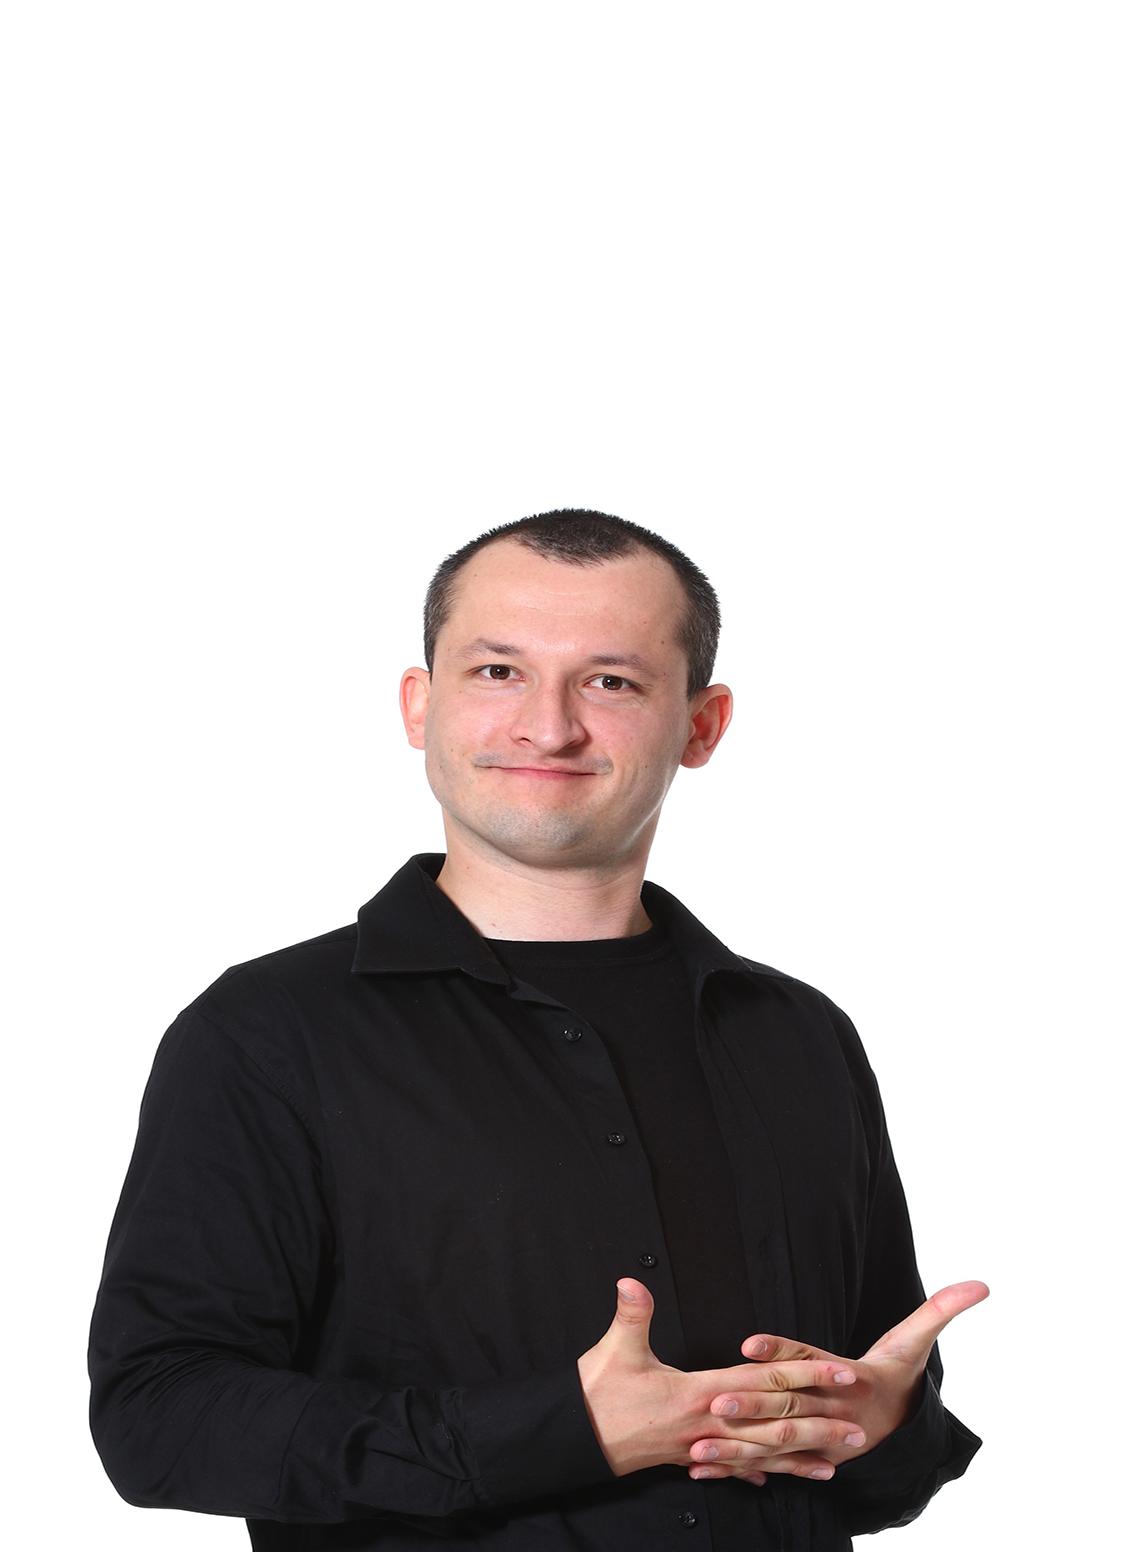 никола тодороски стендъп софия македония българия комеди клуб забавна вечер